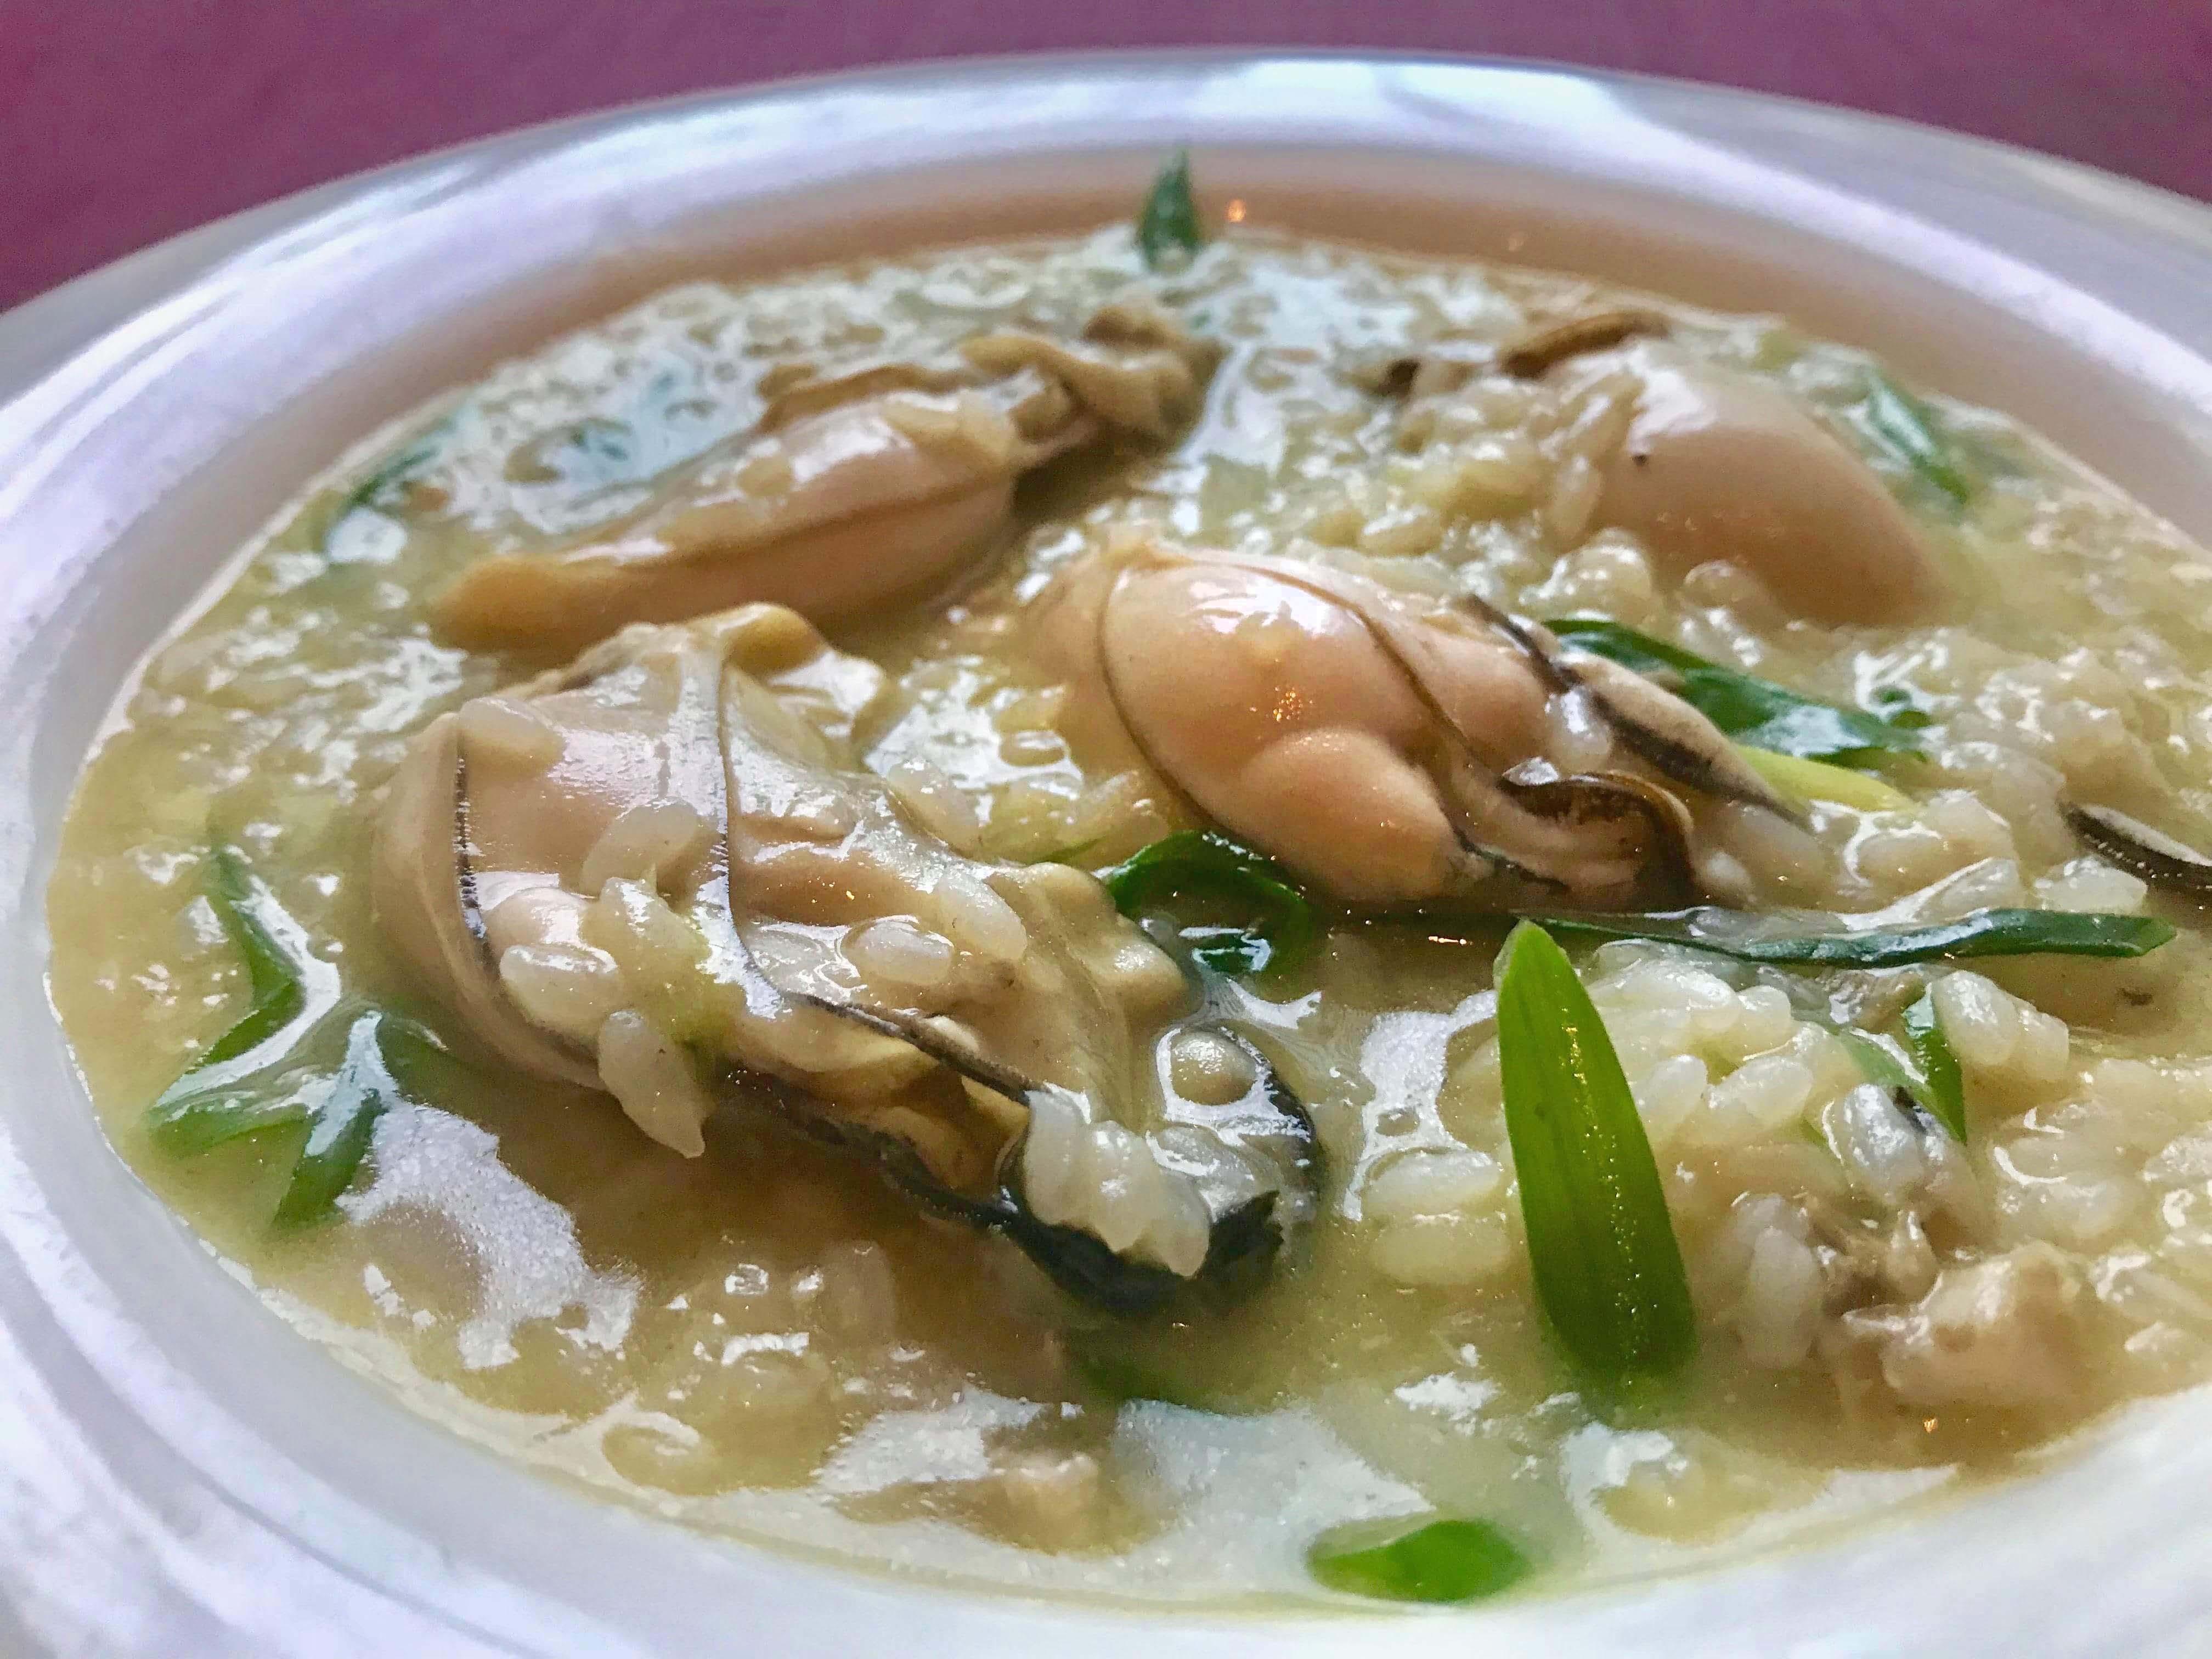 「北海道 仙鳳趾産牡蠣と九条葱のリゾット」のイメージ写真